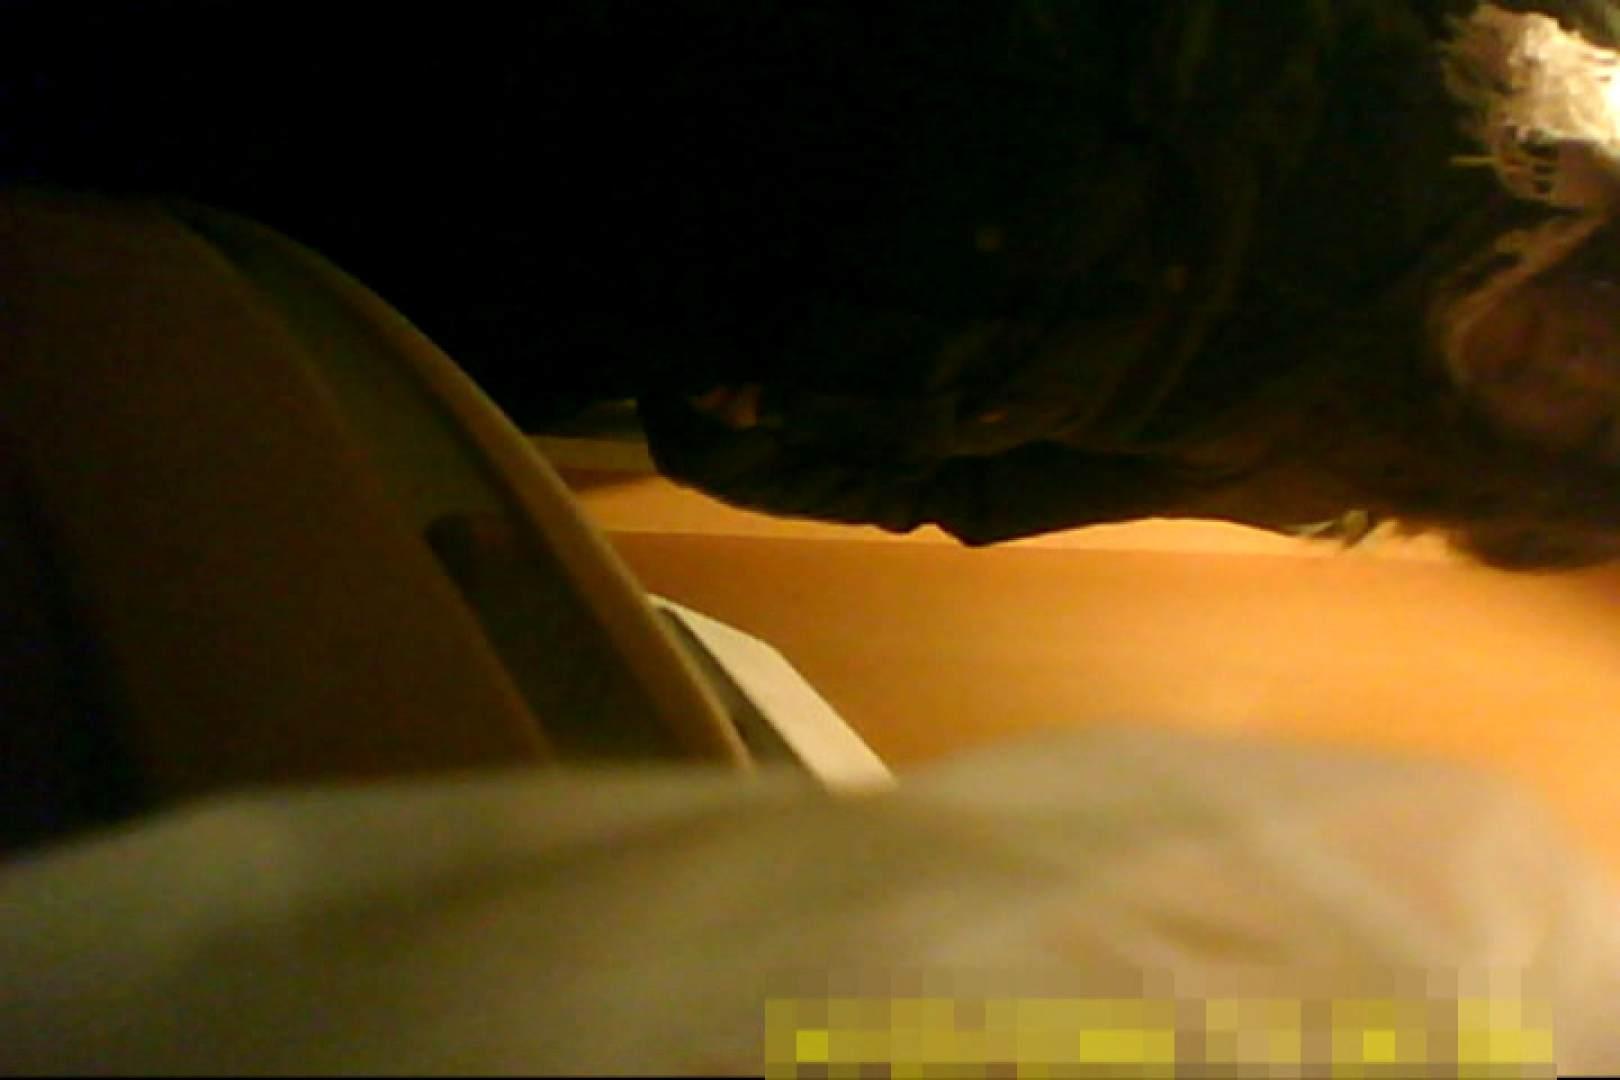 魅惑の化粧室~禁断のプライベート空間~vol.10 美しいOLの裸体  102pic 30